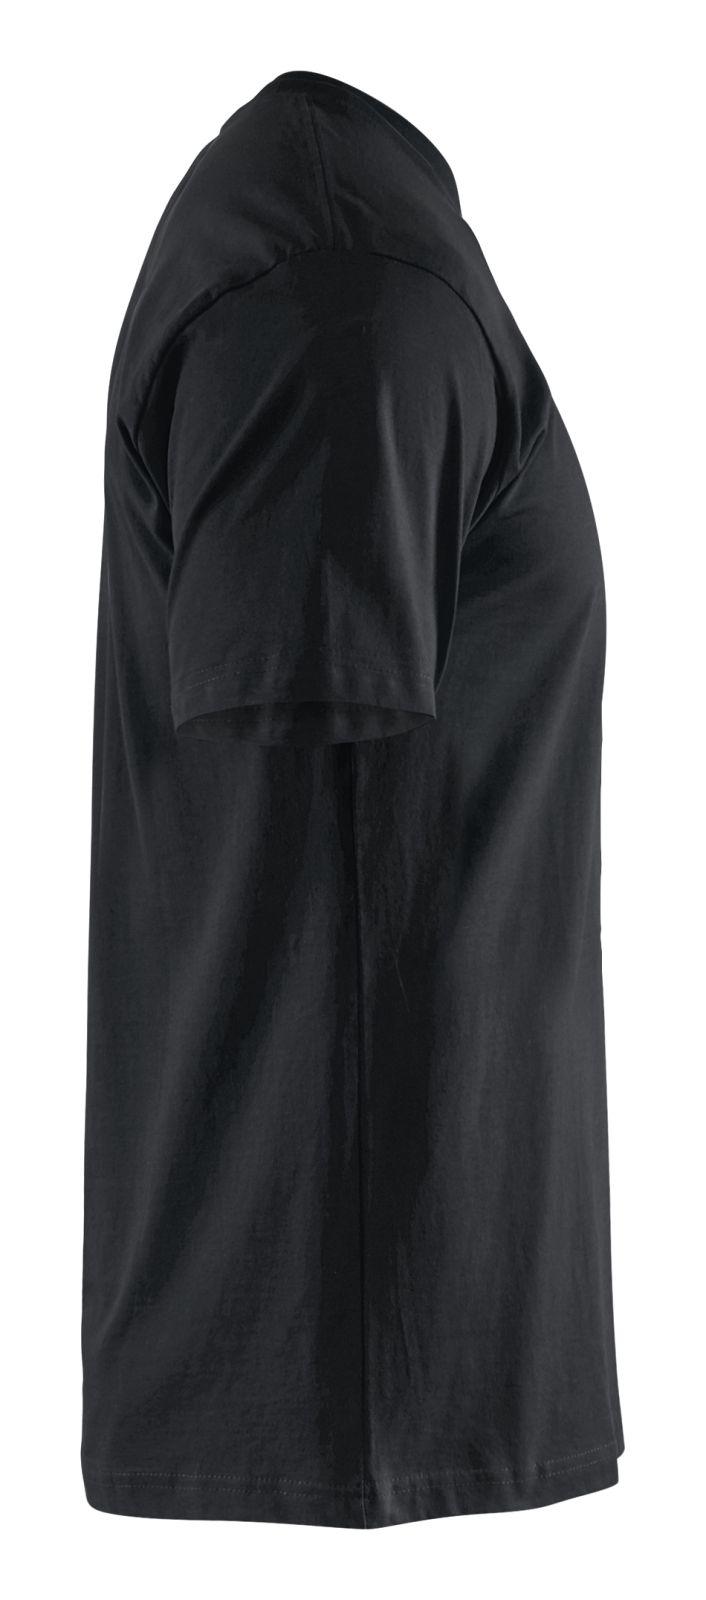 Blaklader T-shirts 35351063 zwart(9900)